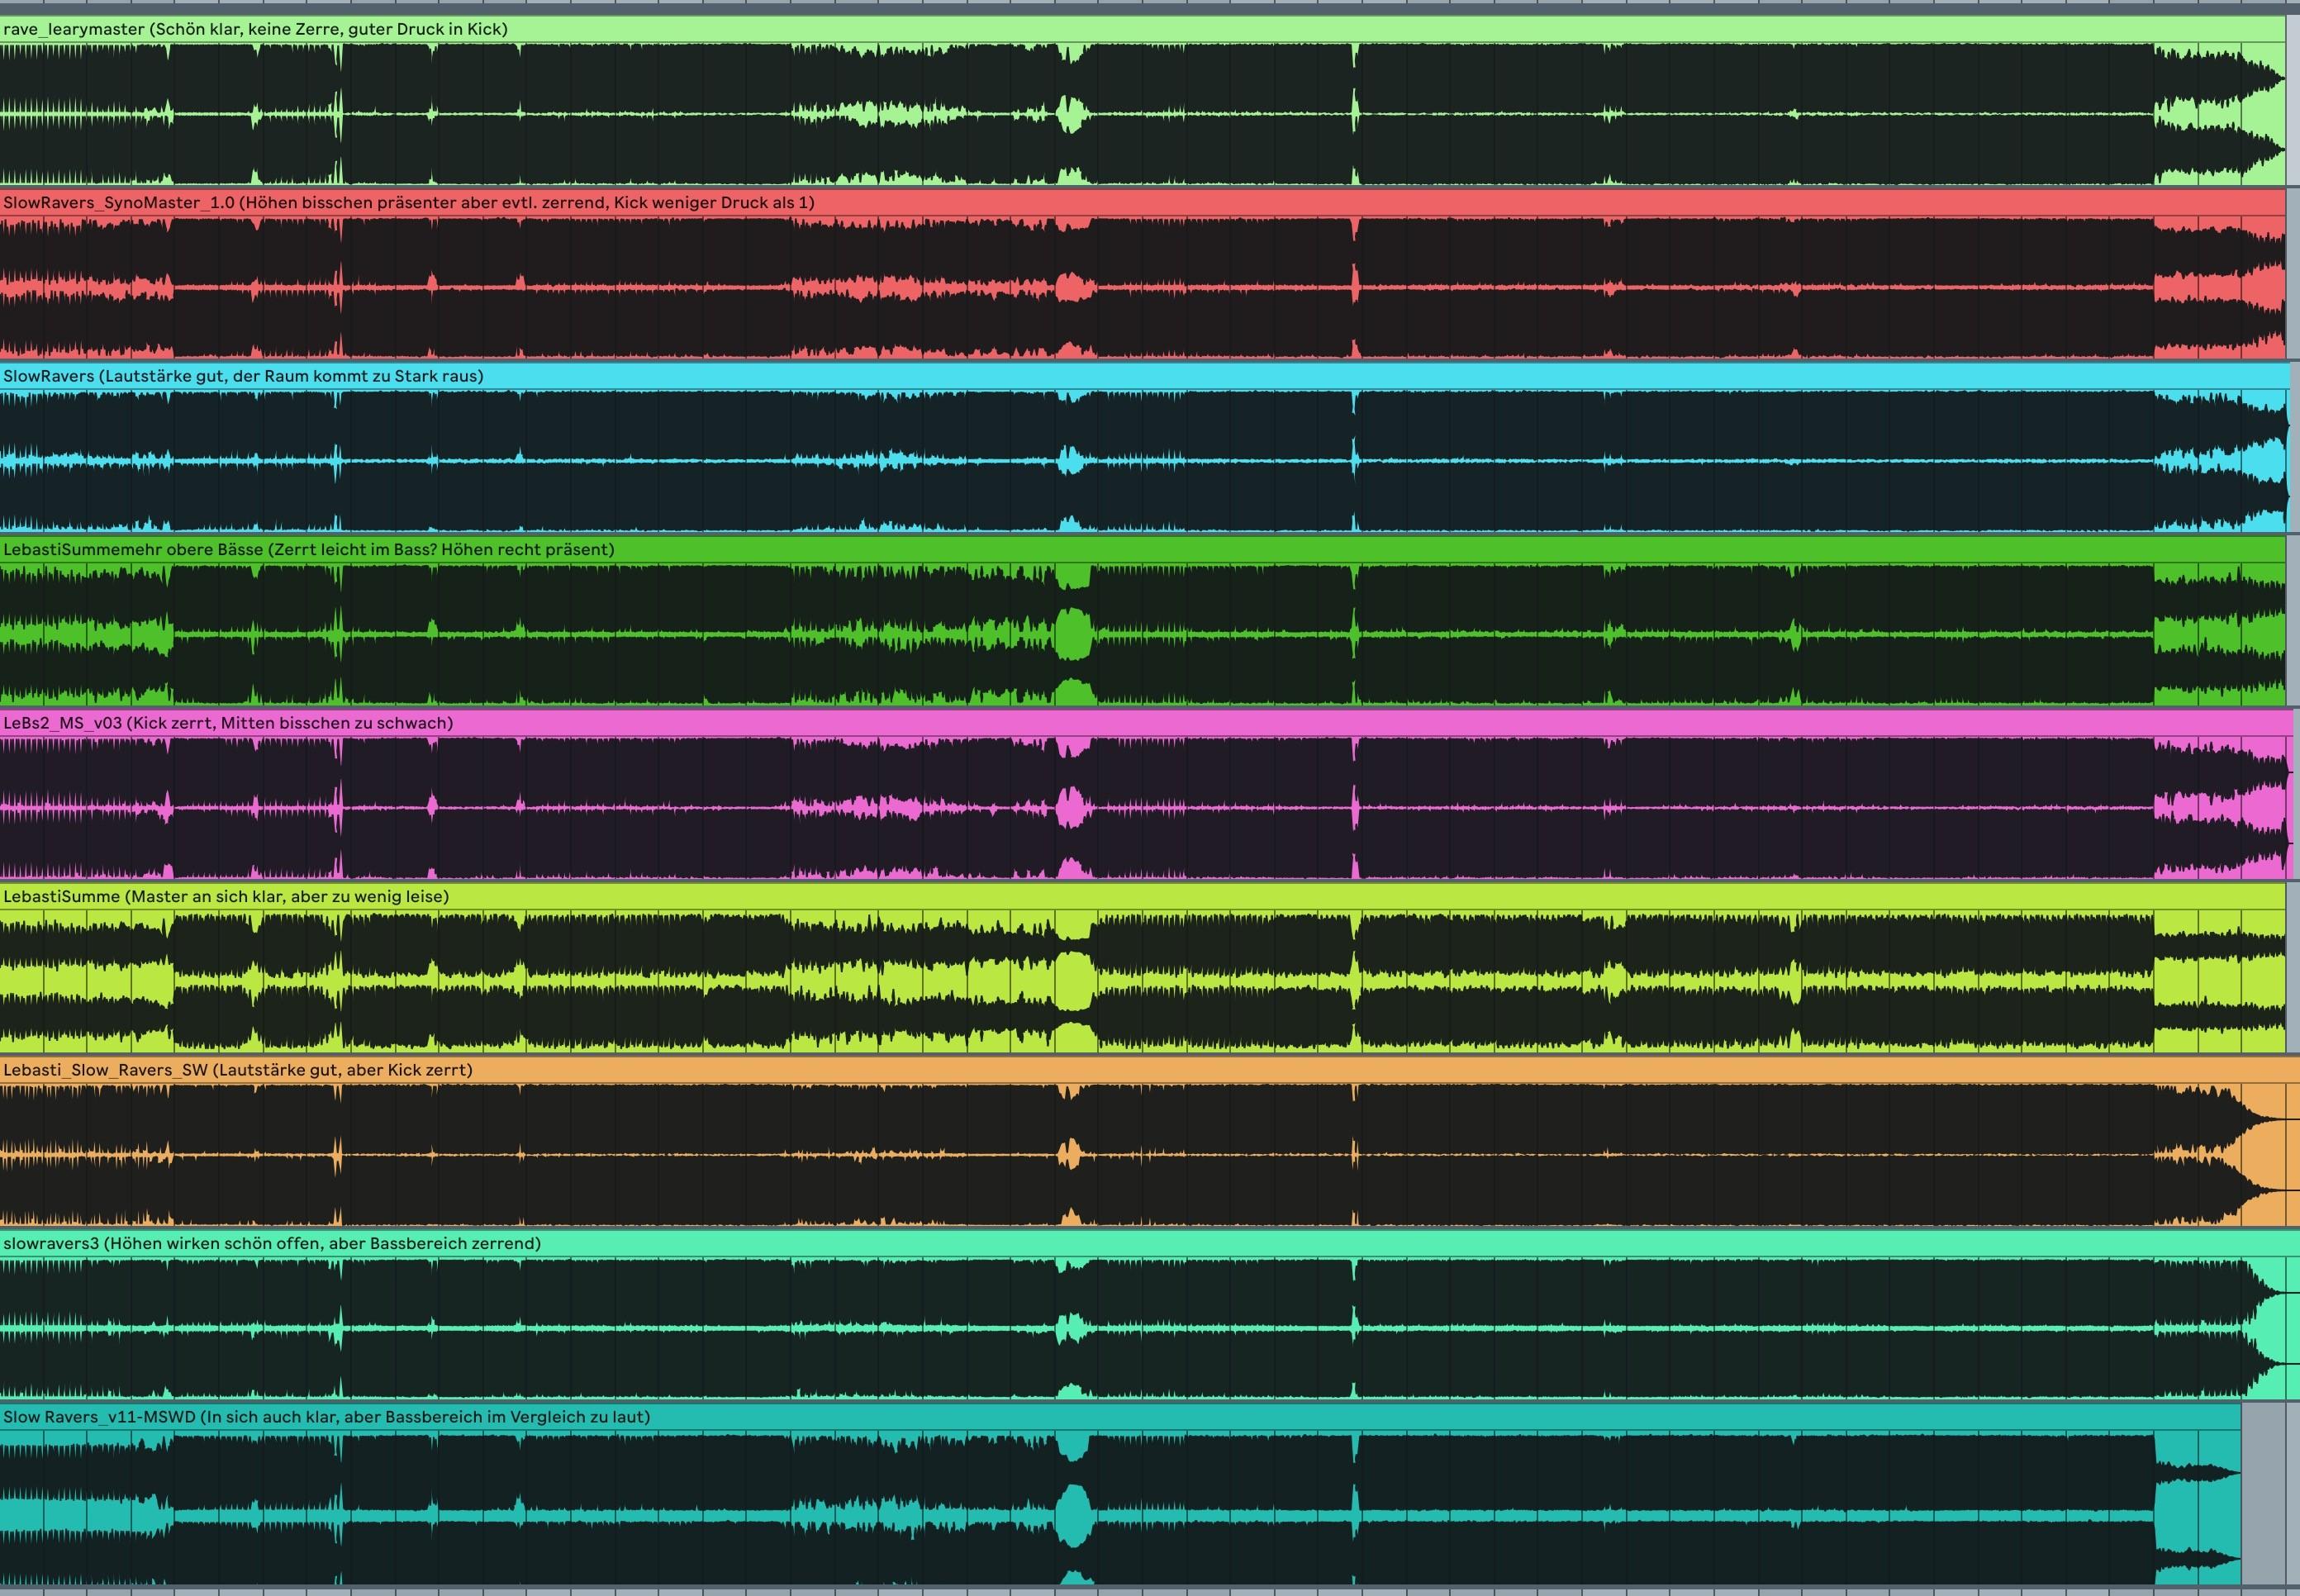 Bildschirmfoto 2021-07-22 um 14.52.51.jpg